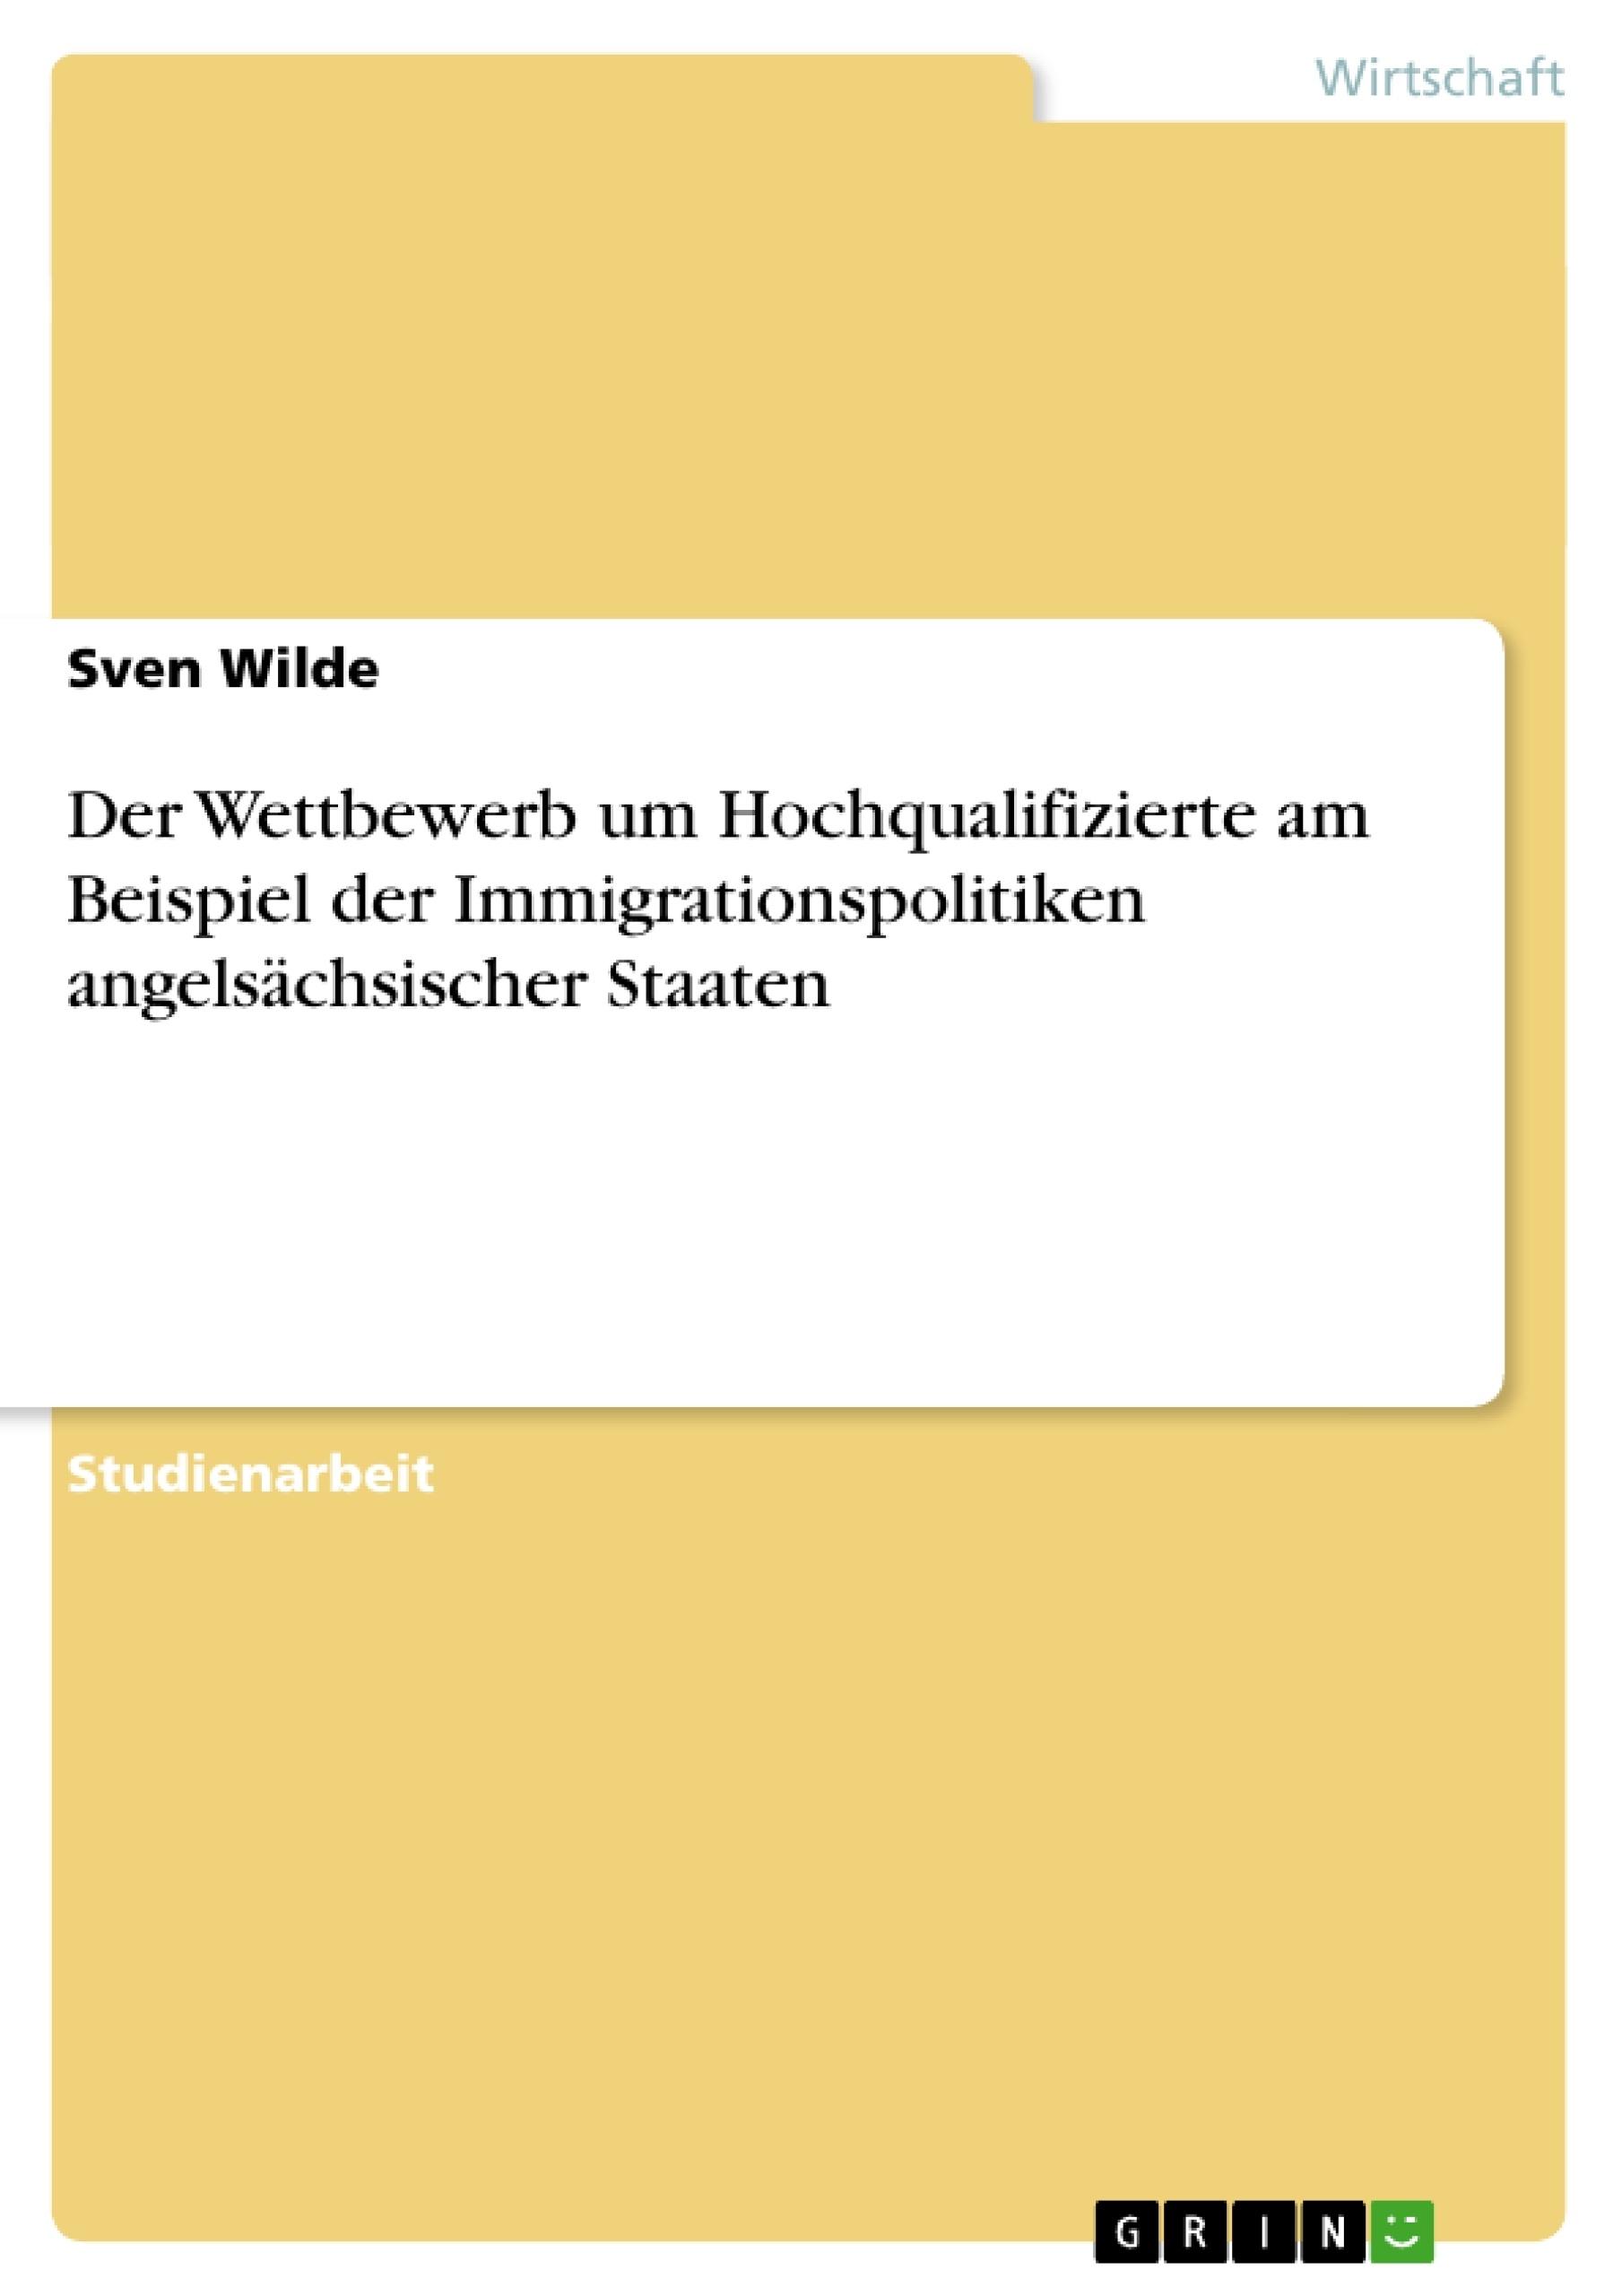 Titel: Der Wettbewerb um Hochqualifizierte am Beispiel der Immigrationspolitiken angelsächsischer Staaten